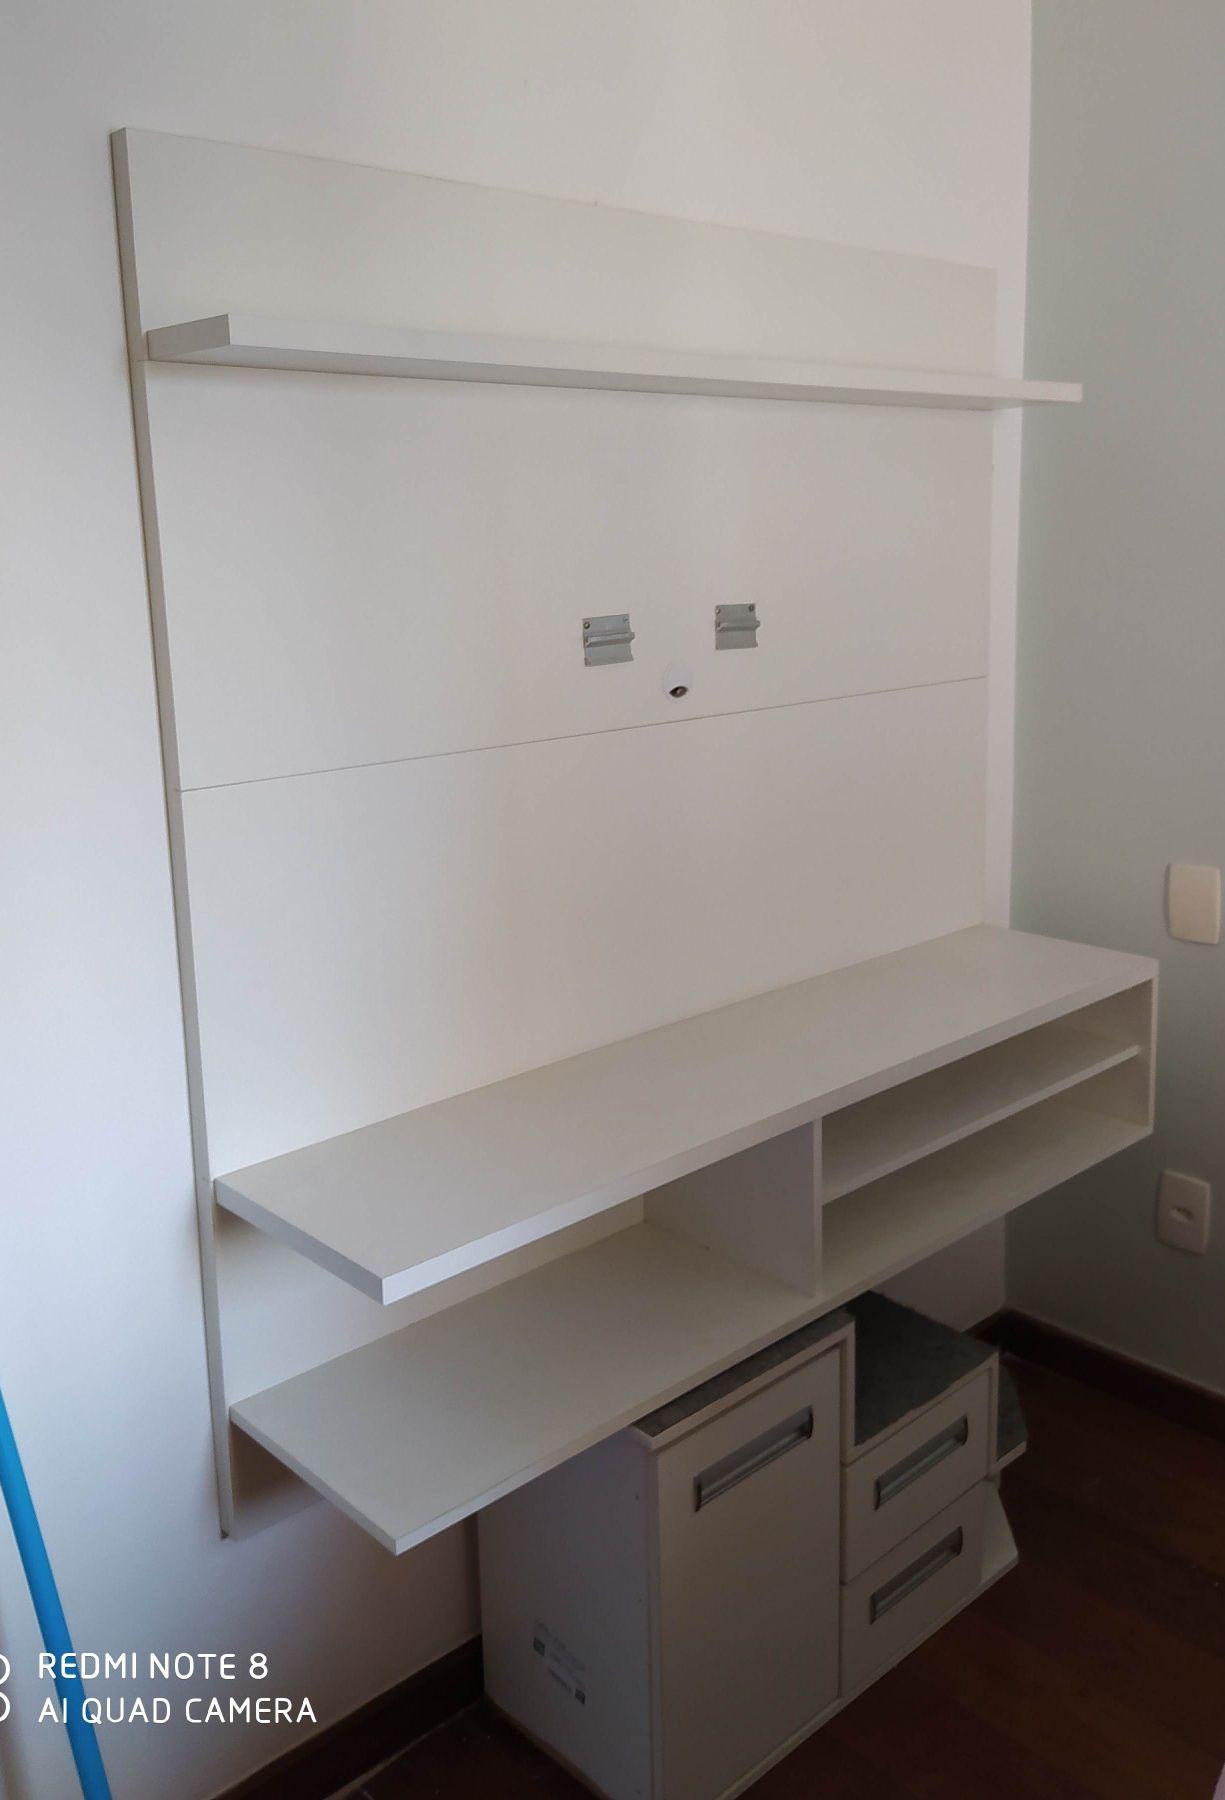 painel montagem e instalação